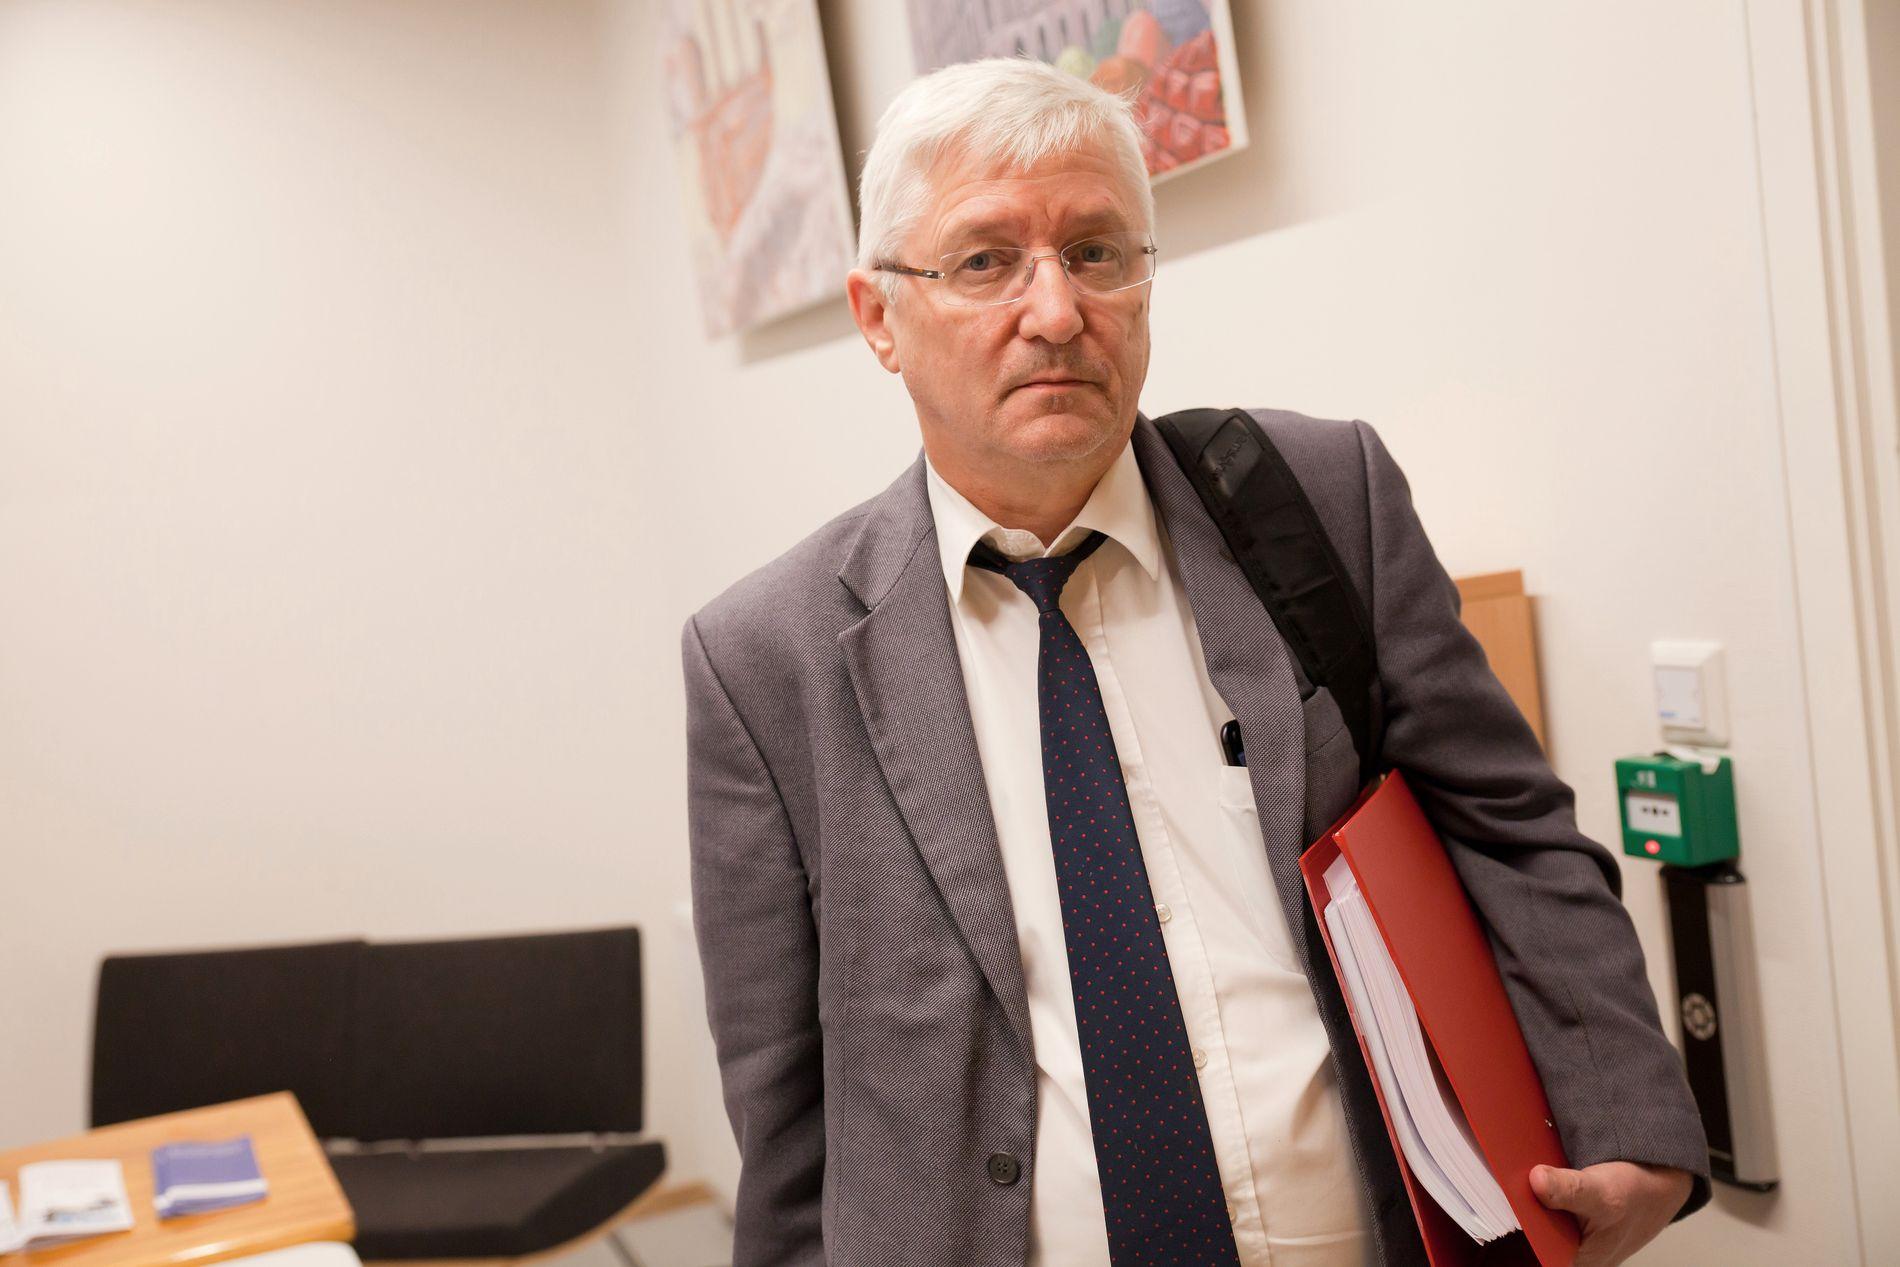 REAGERER: - Anmeldelsen var et forsøk på å dekke over den dårlige etterforskningen som ble gjort i saken, sier advokat Arvid Sjødin.